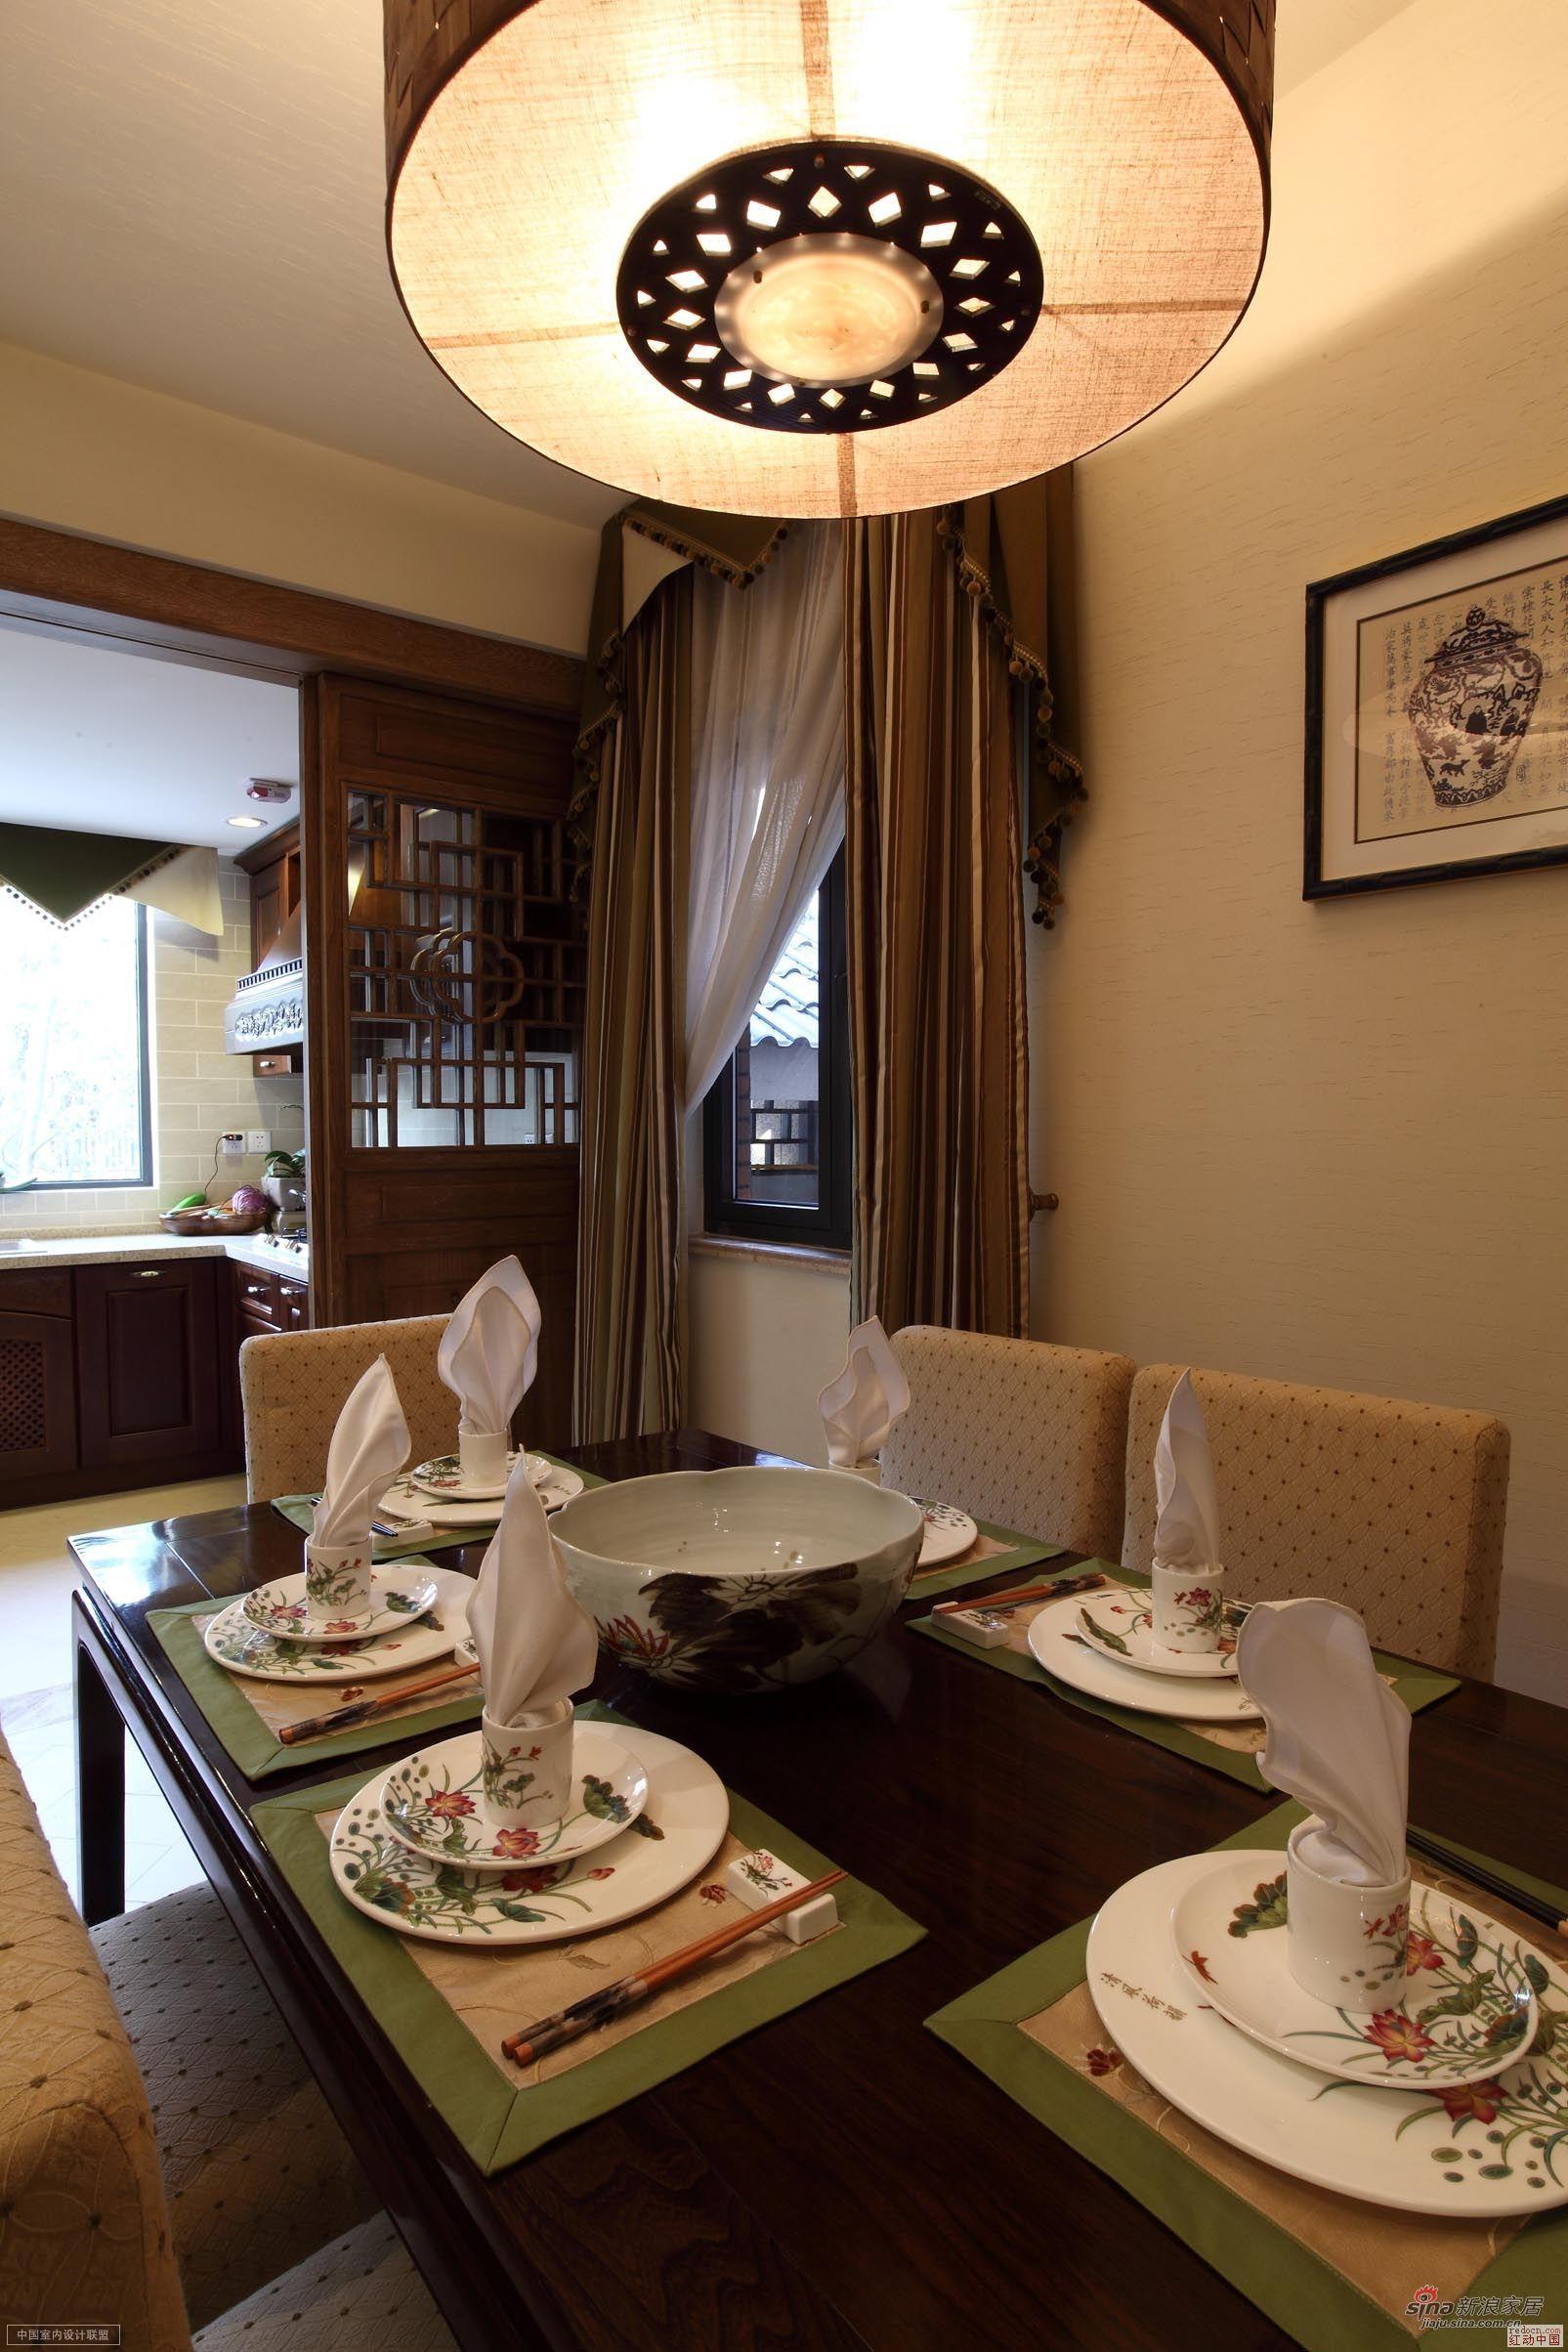 中式 复式 餐厅图片来自用户1907659705在【高清】260平古典中式风89的分享